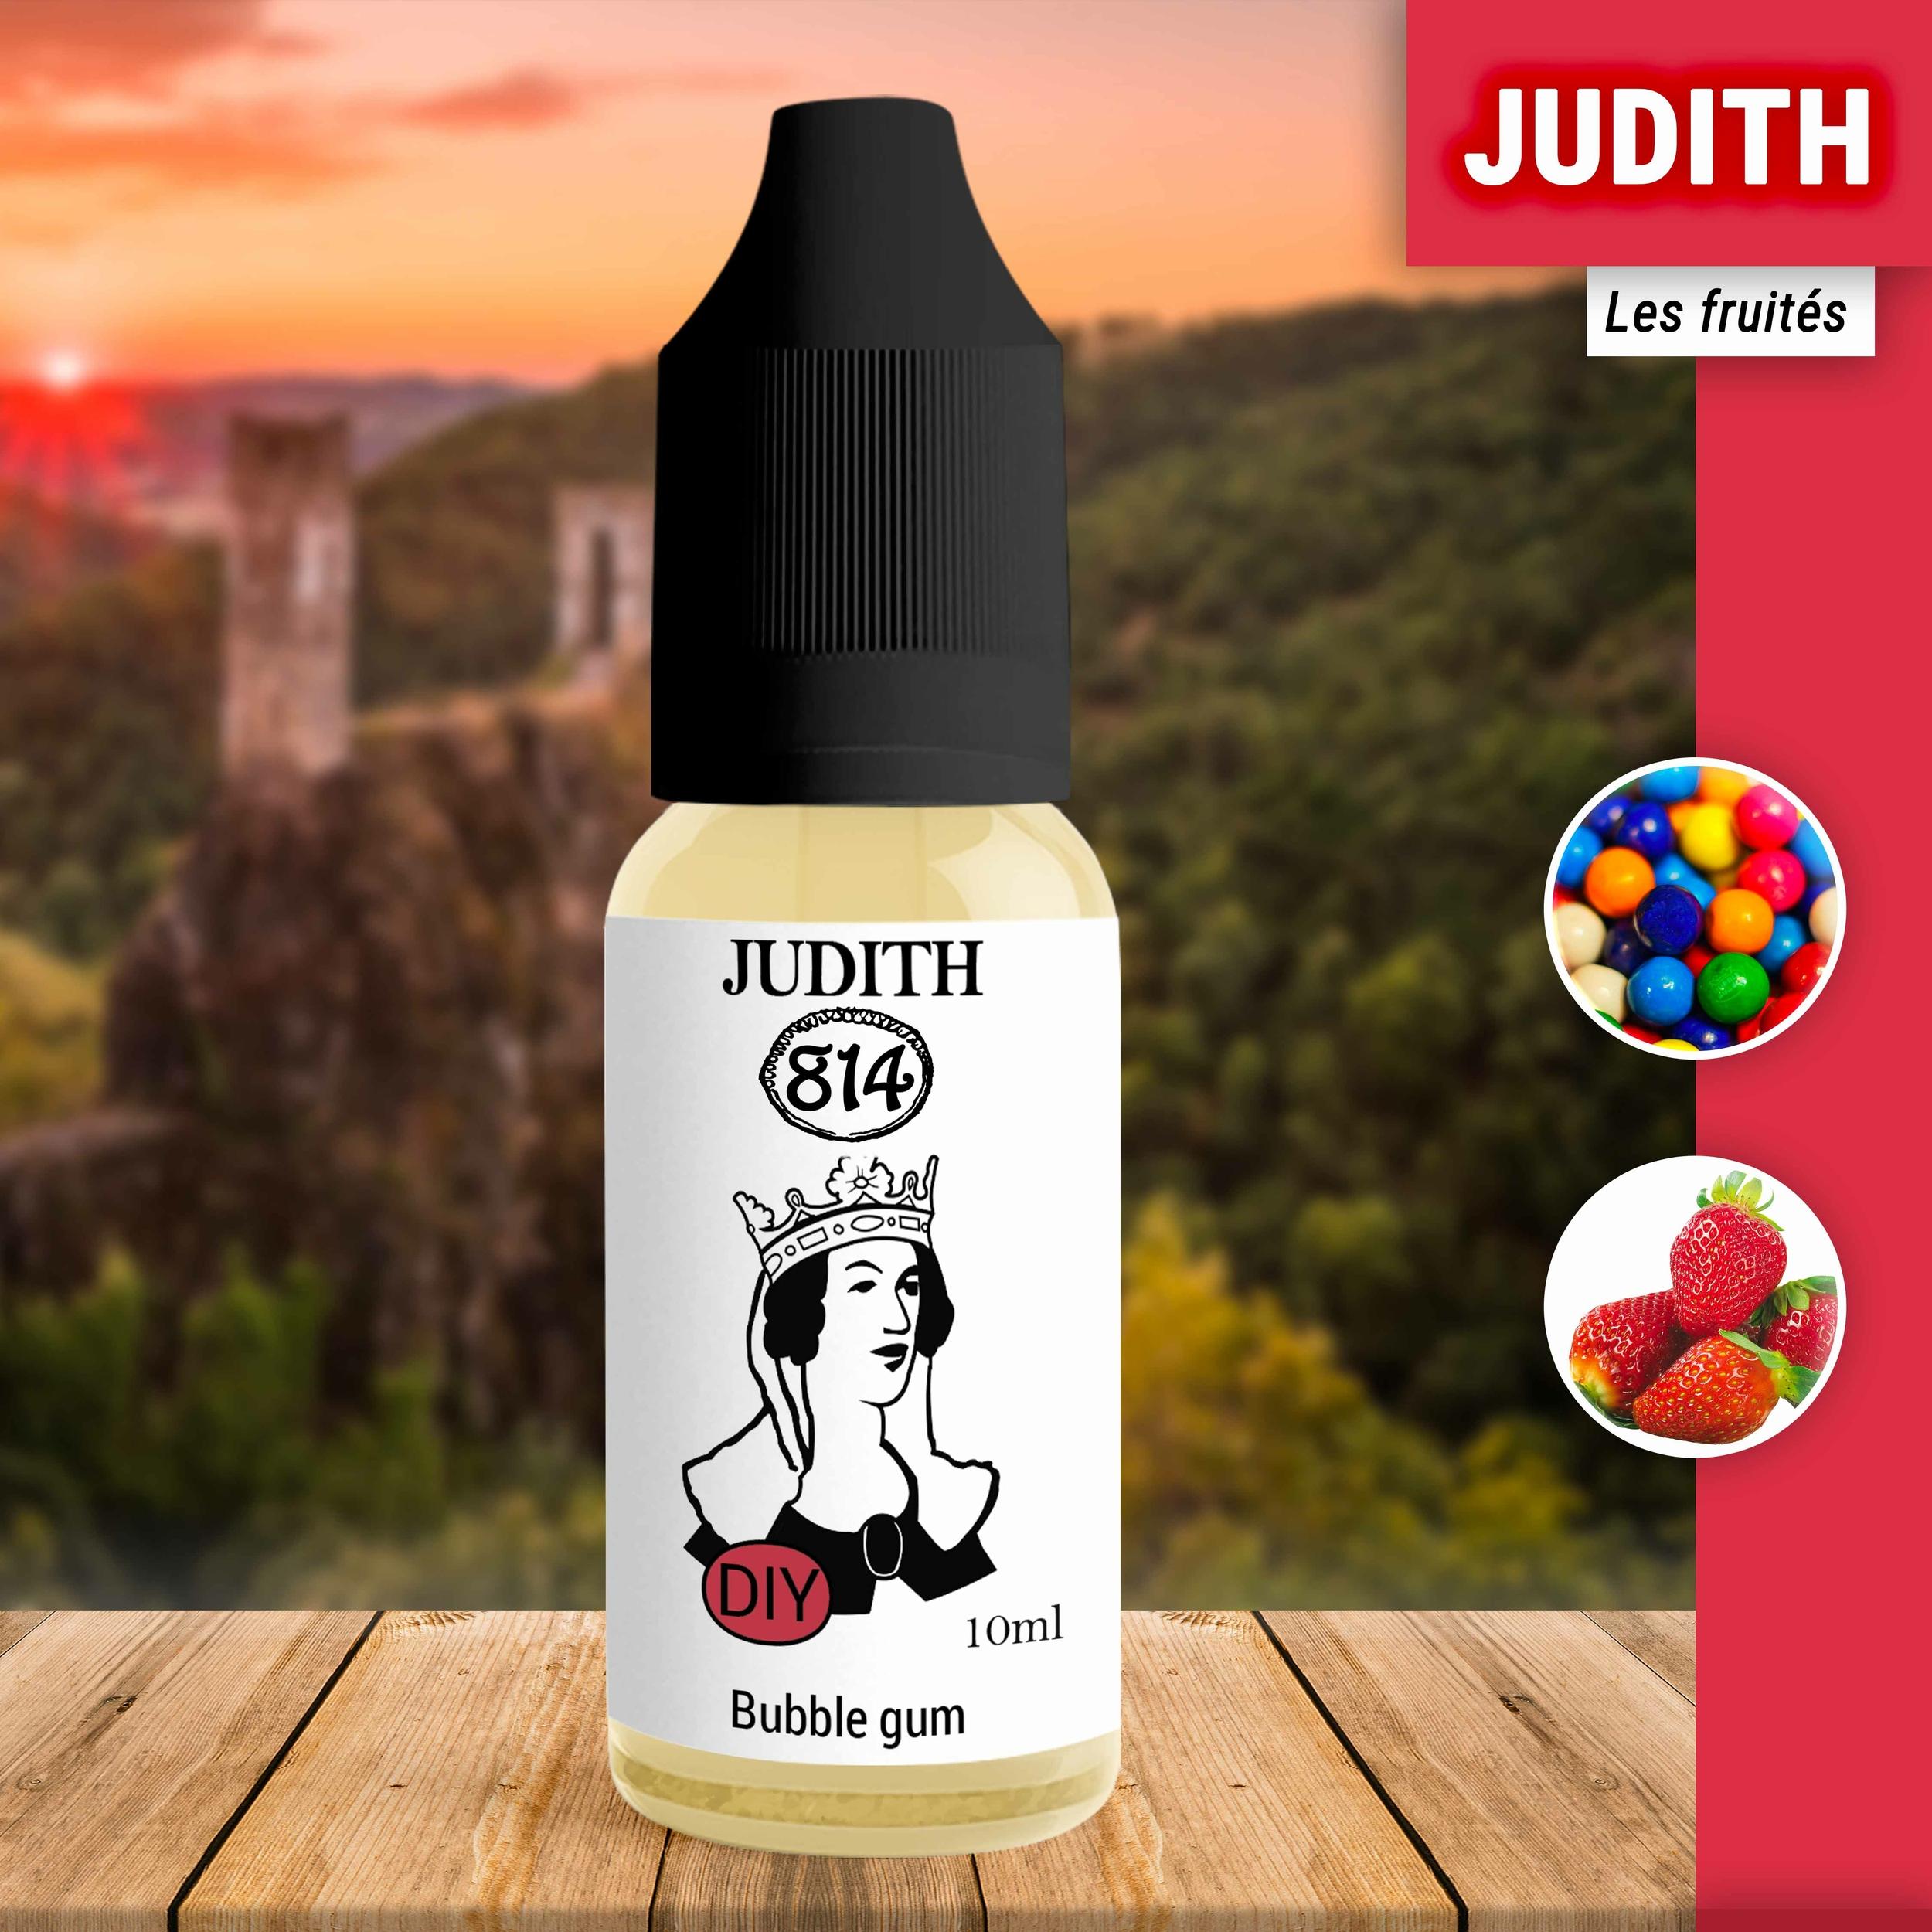 Judith_Fruité_HD-Concentré-10